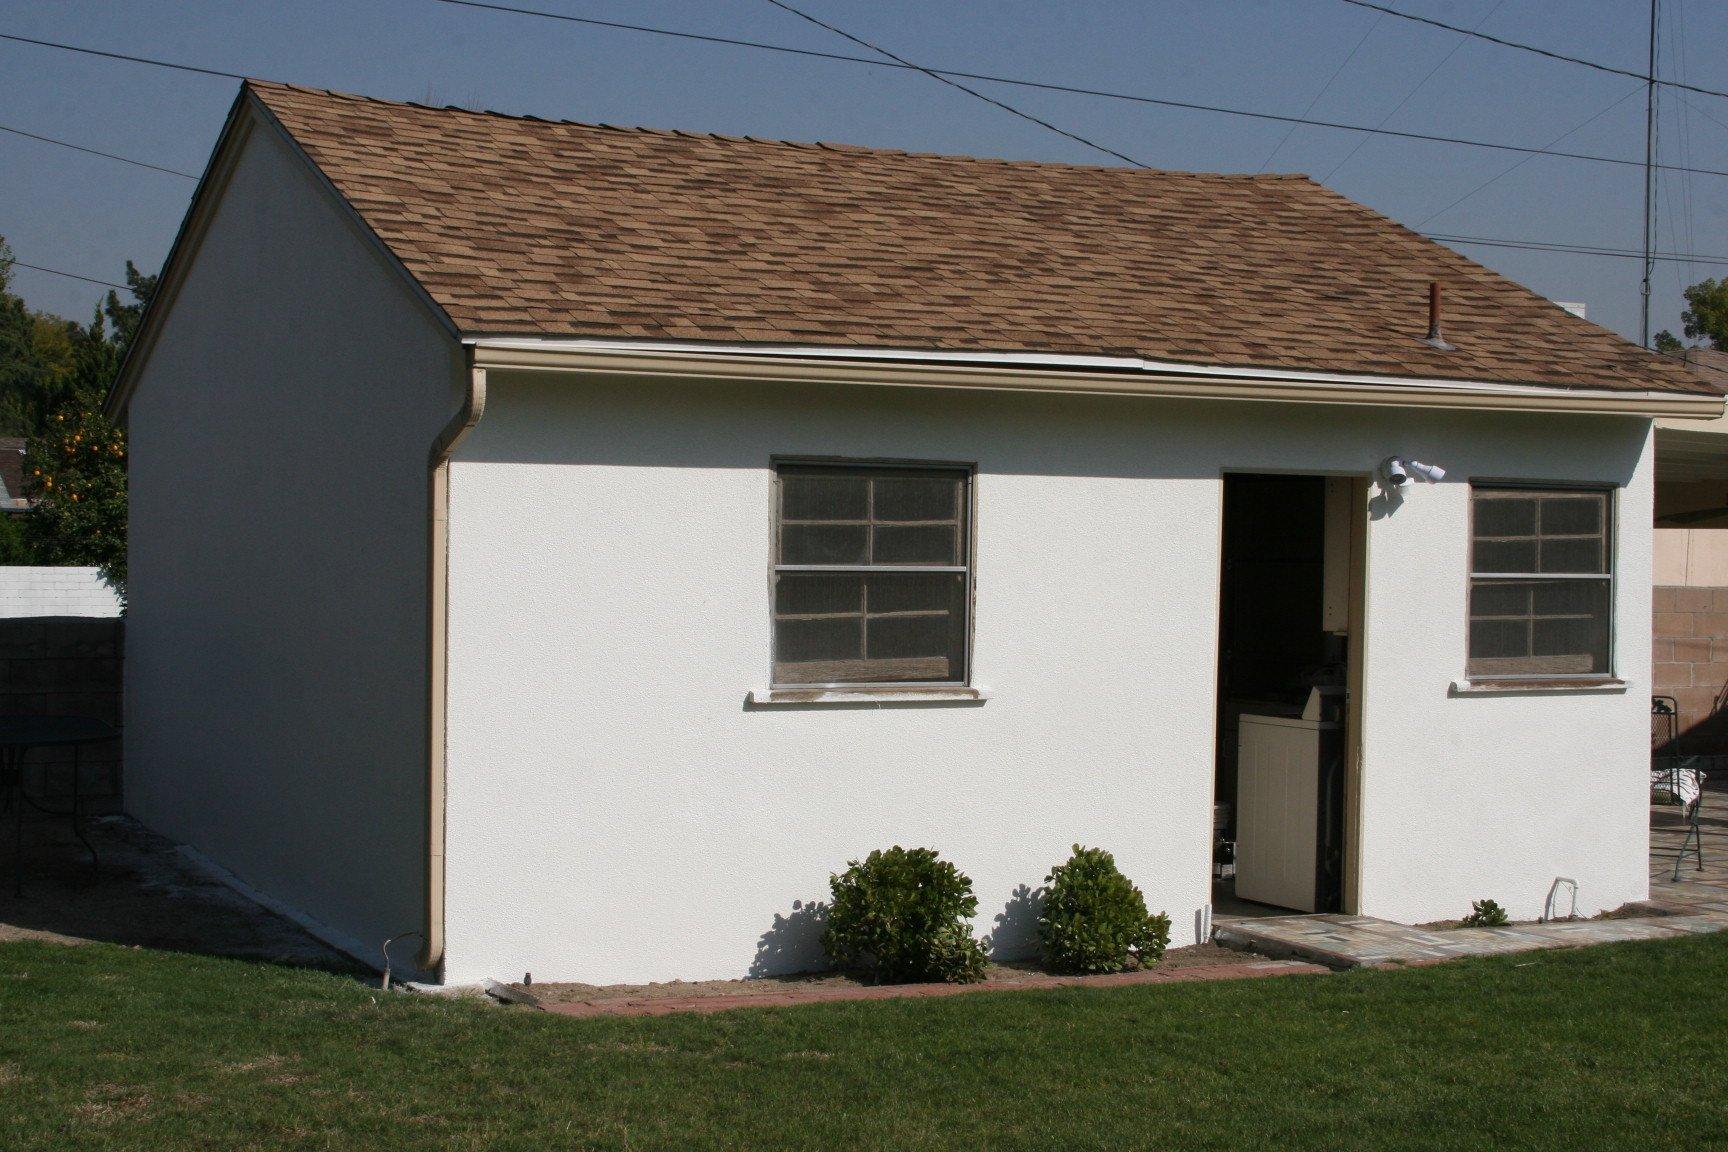 Stretchguard-70-Series-Primer-House